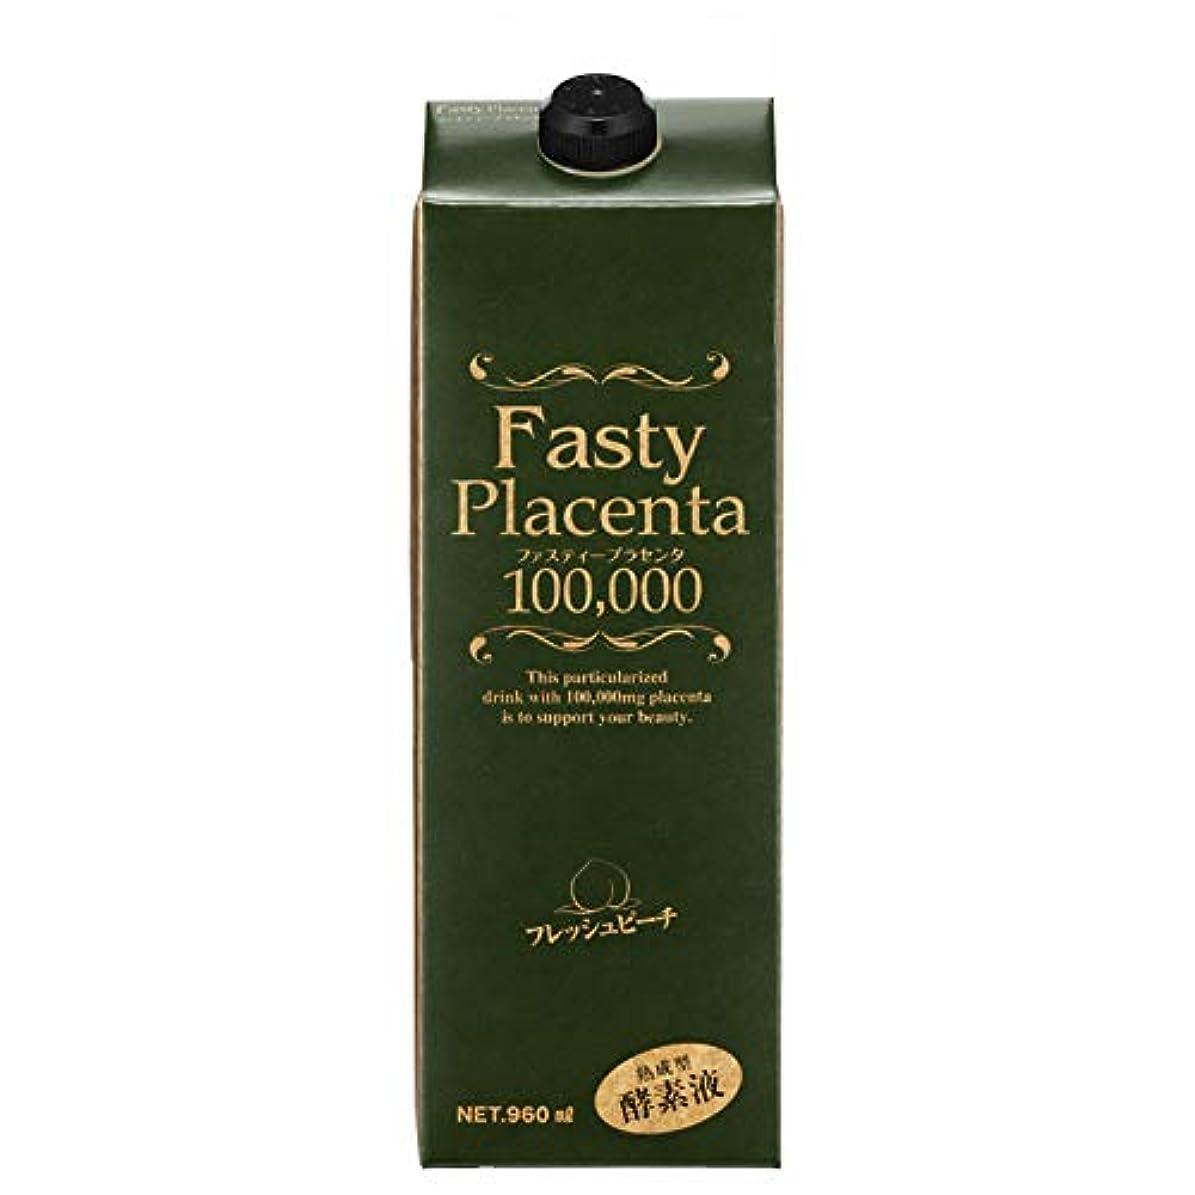 適切に折り目ほんのファスティープラセンタ100,000 増量パック(フレッシュピーチ味)1個